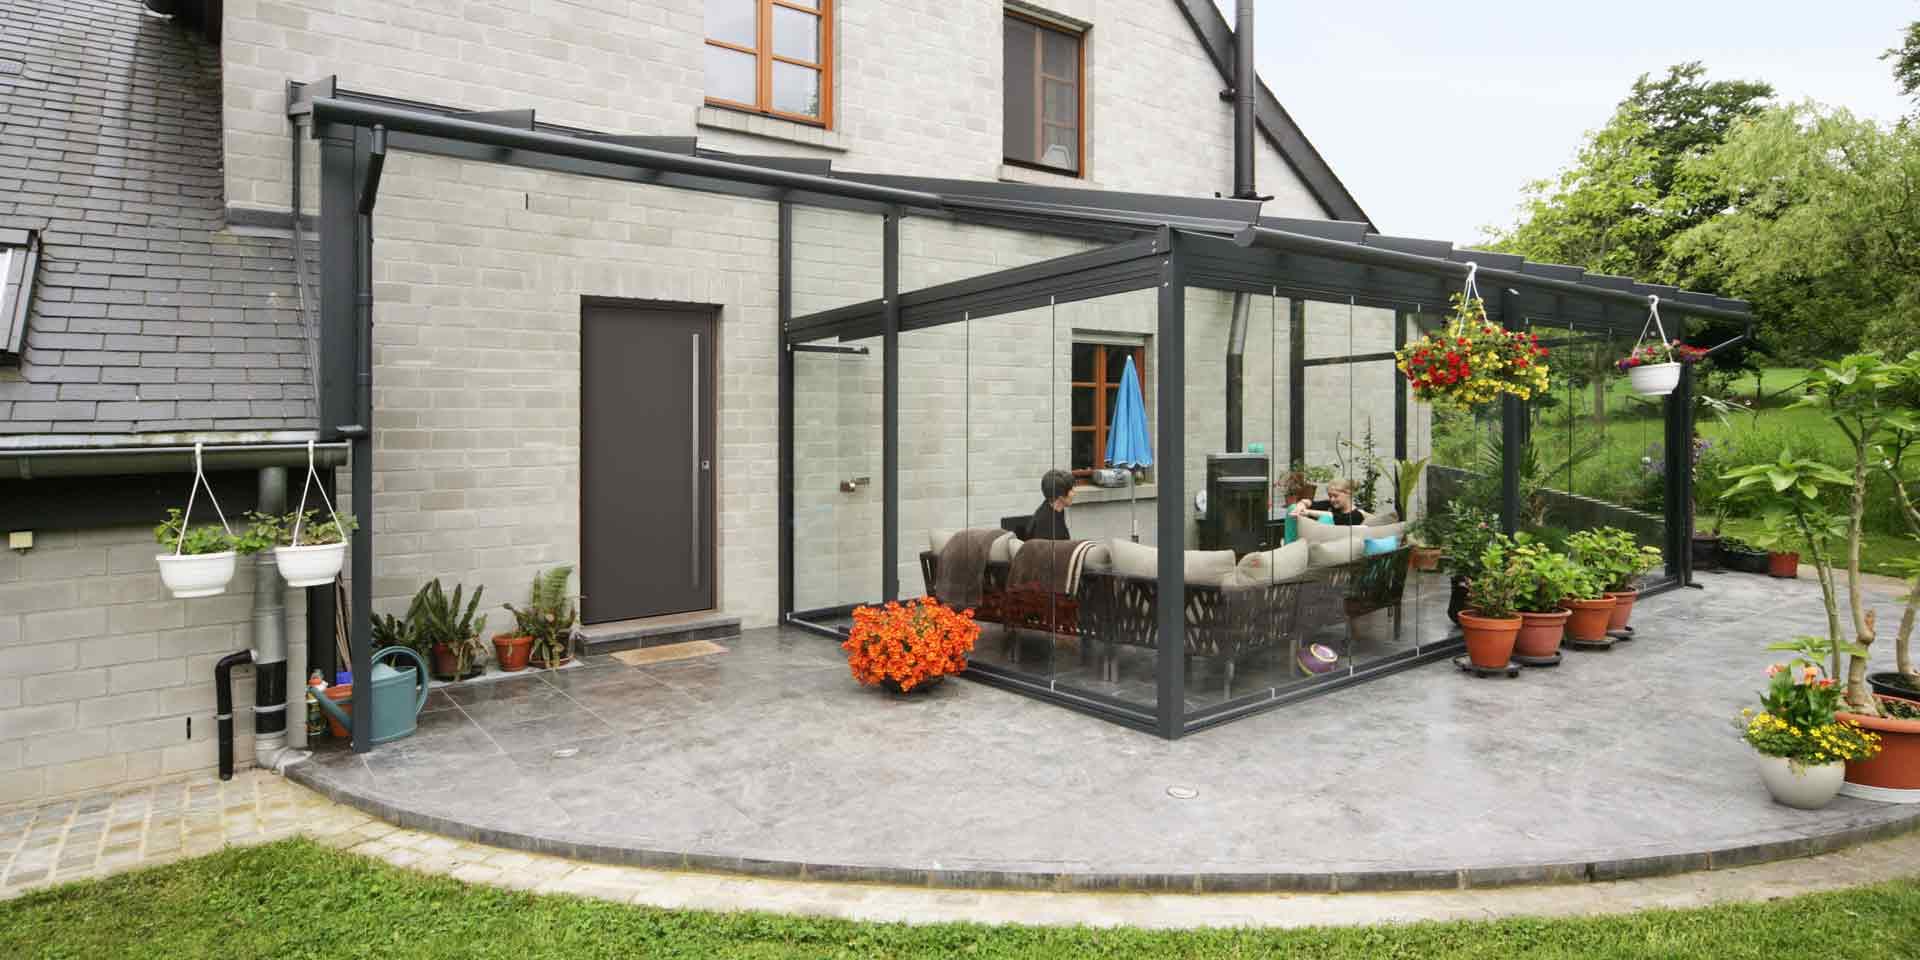 Graues Einfamilienhaus mit einer grauen Coplaning Aluminium Veranda Glasfaltwand mit Terassenüberdachung.